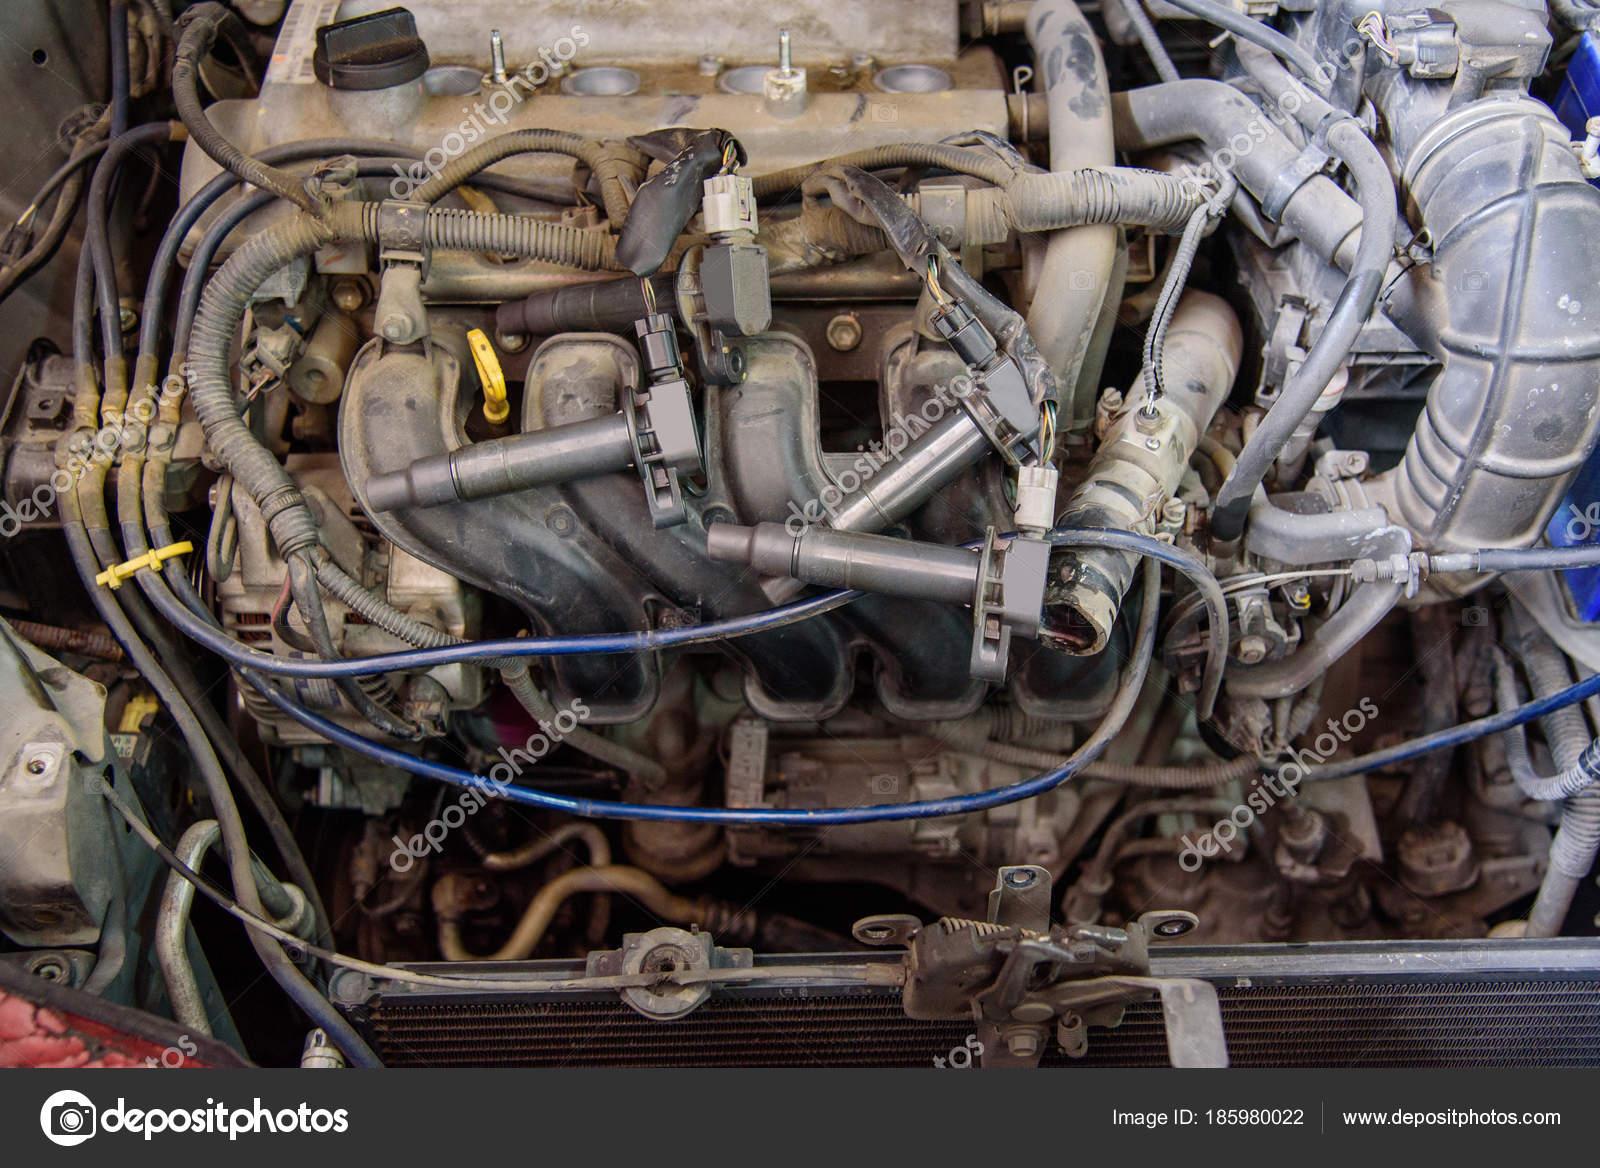 Alten Automotor Reparatur Alte Motor Des Autos — Stockfoto ...